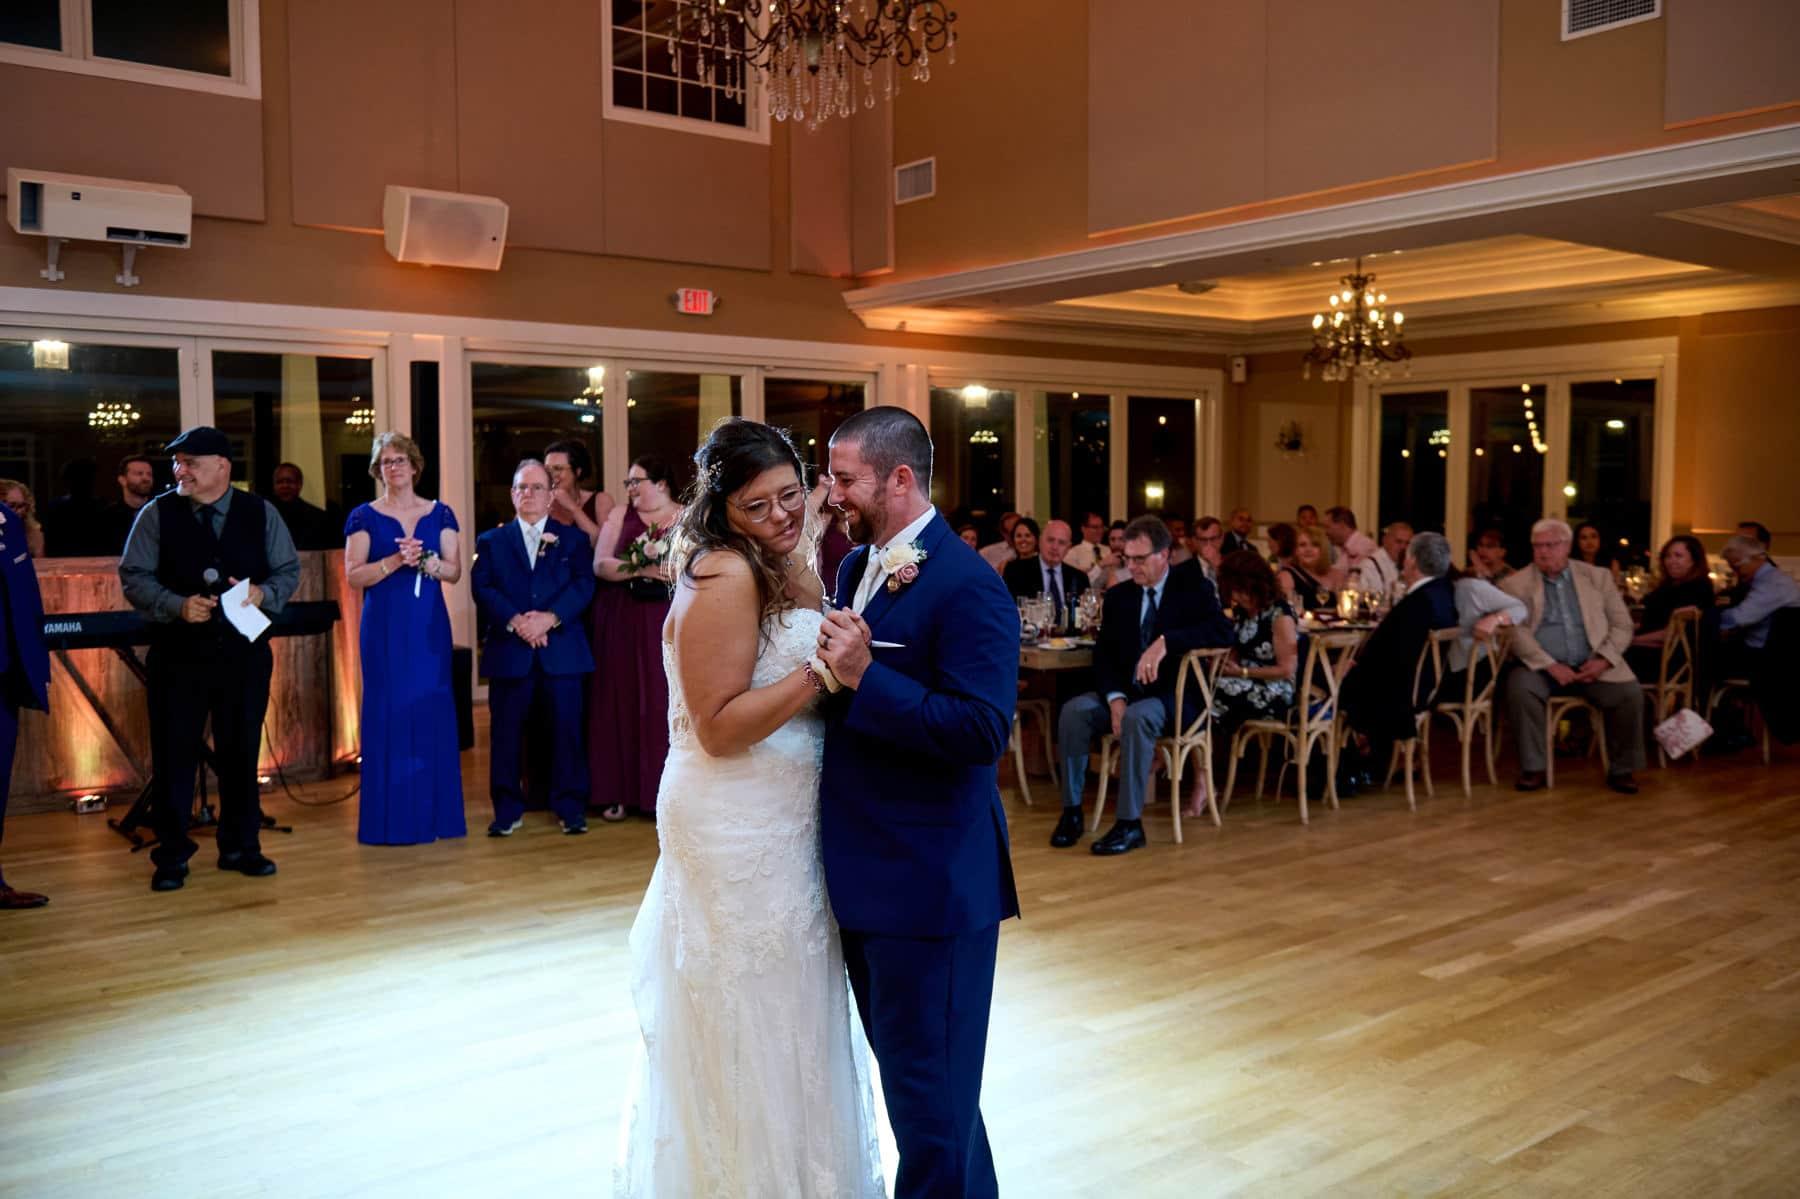 first wedding dance at bear brook valley